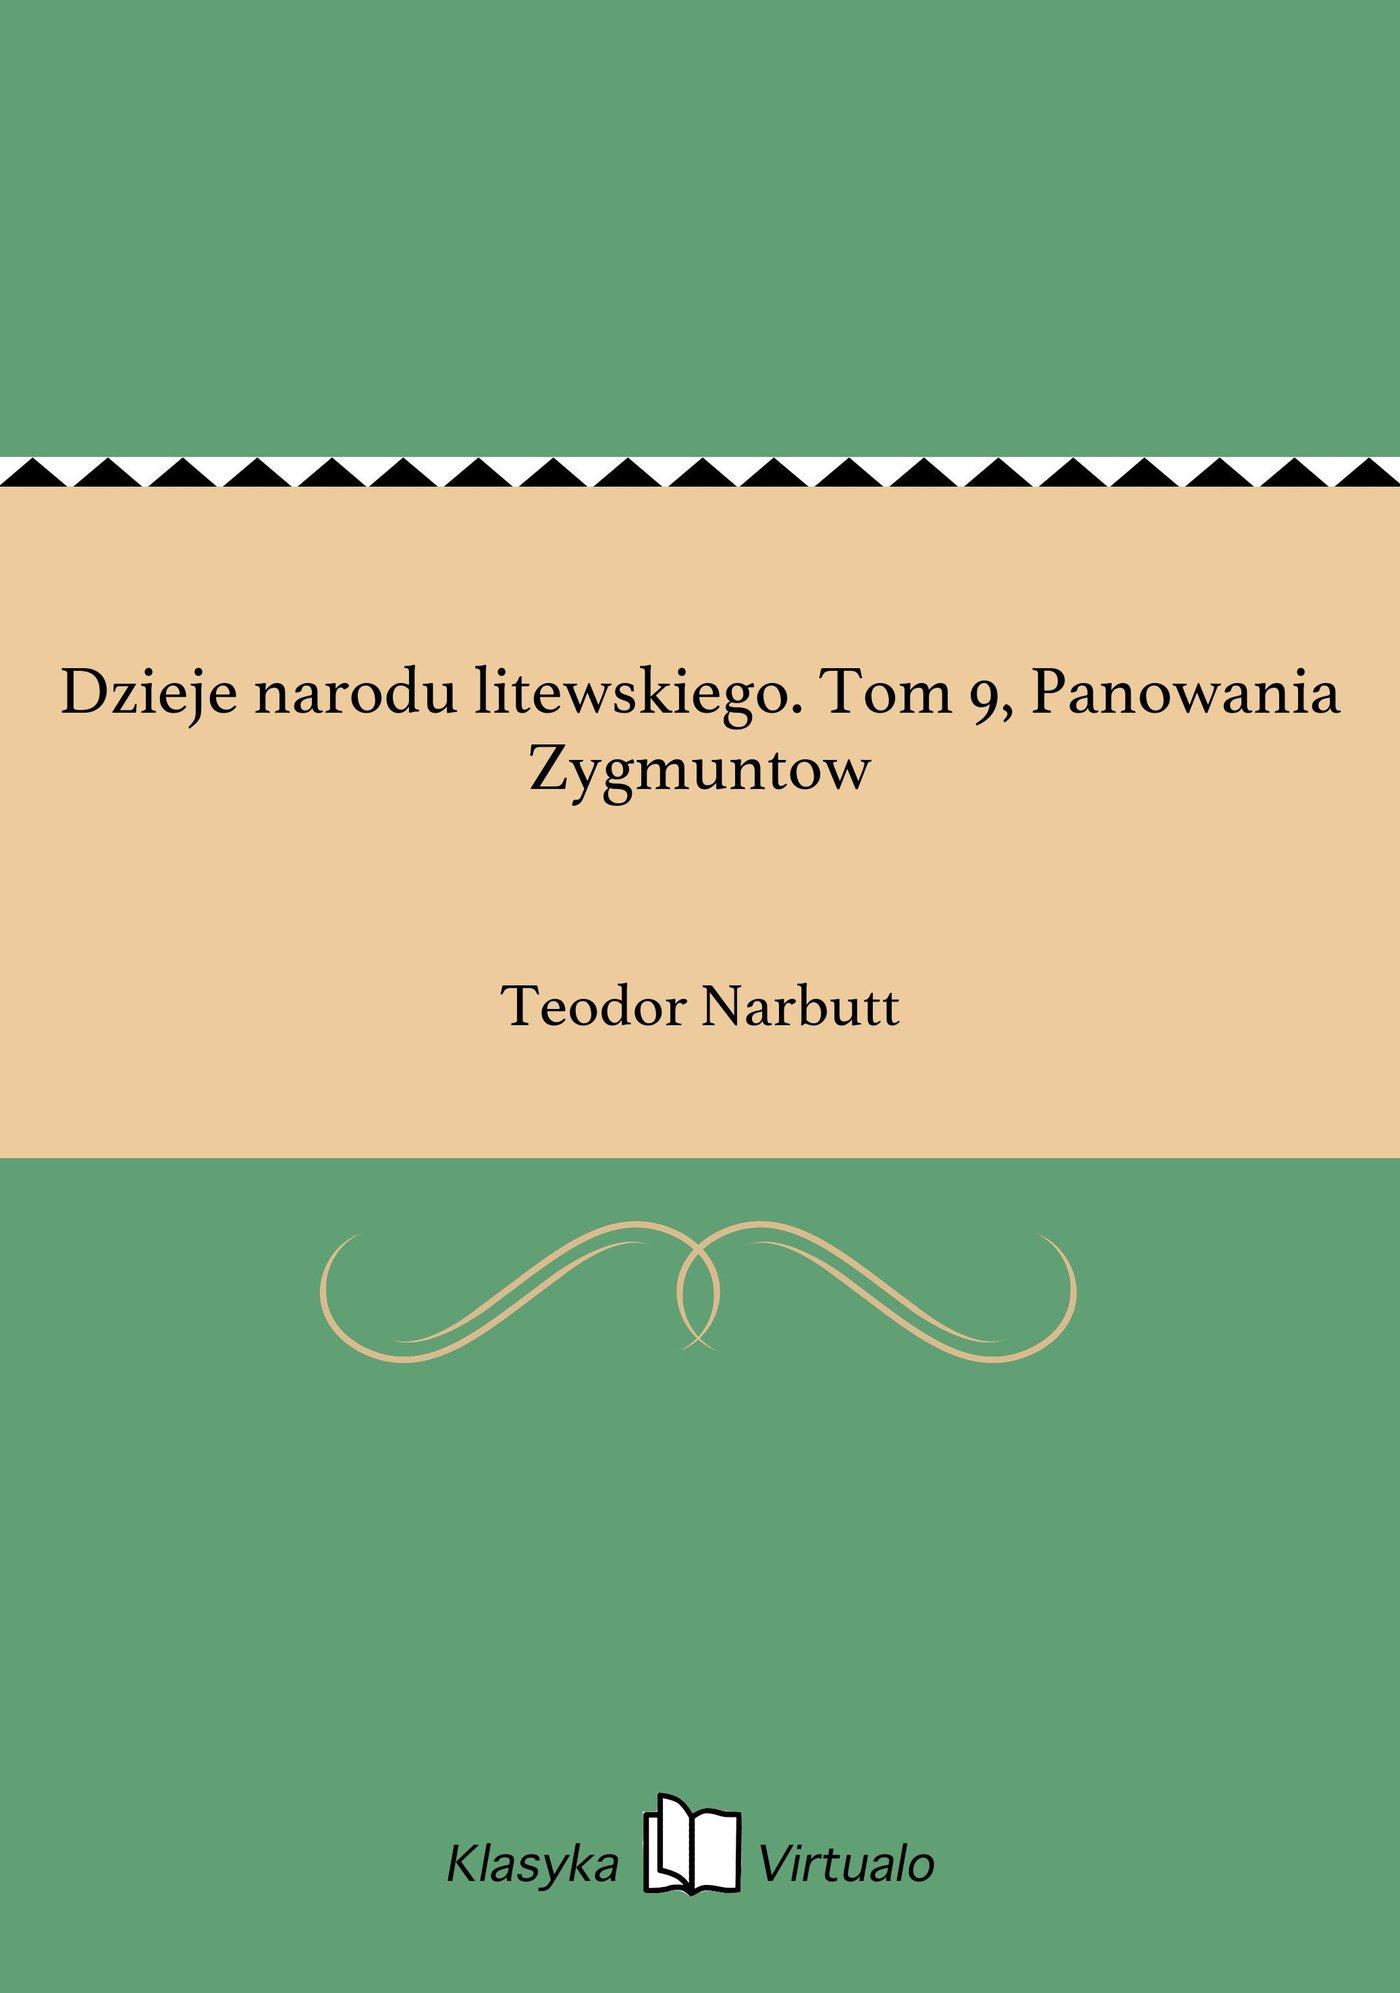 Dzieje narodu litewskiego. Tom 9, Panowania Zygmuntow - Ebook (Książka EPUB) do pobrania w formacie EPUB